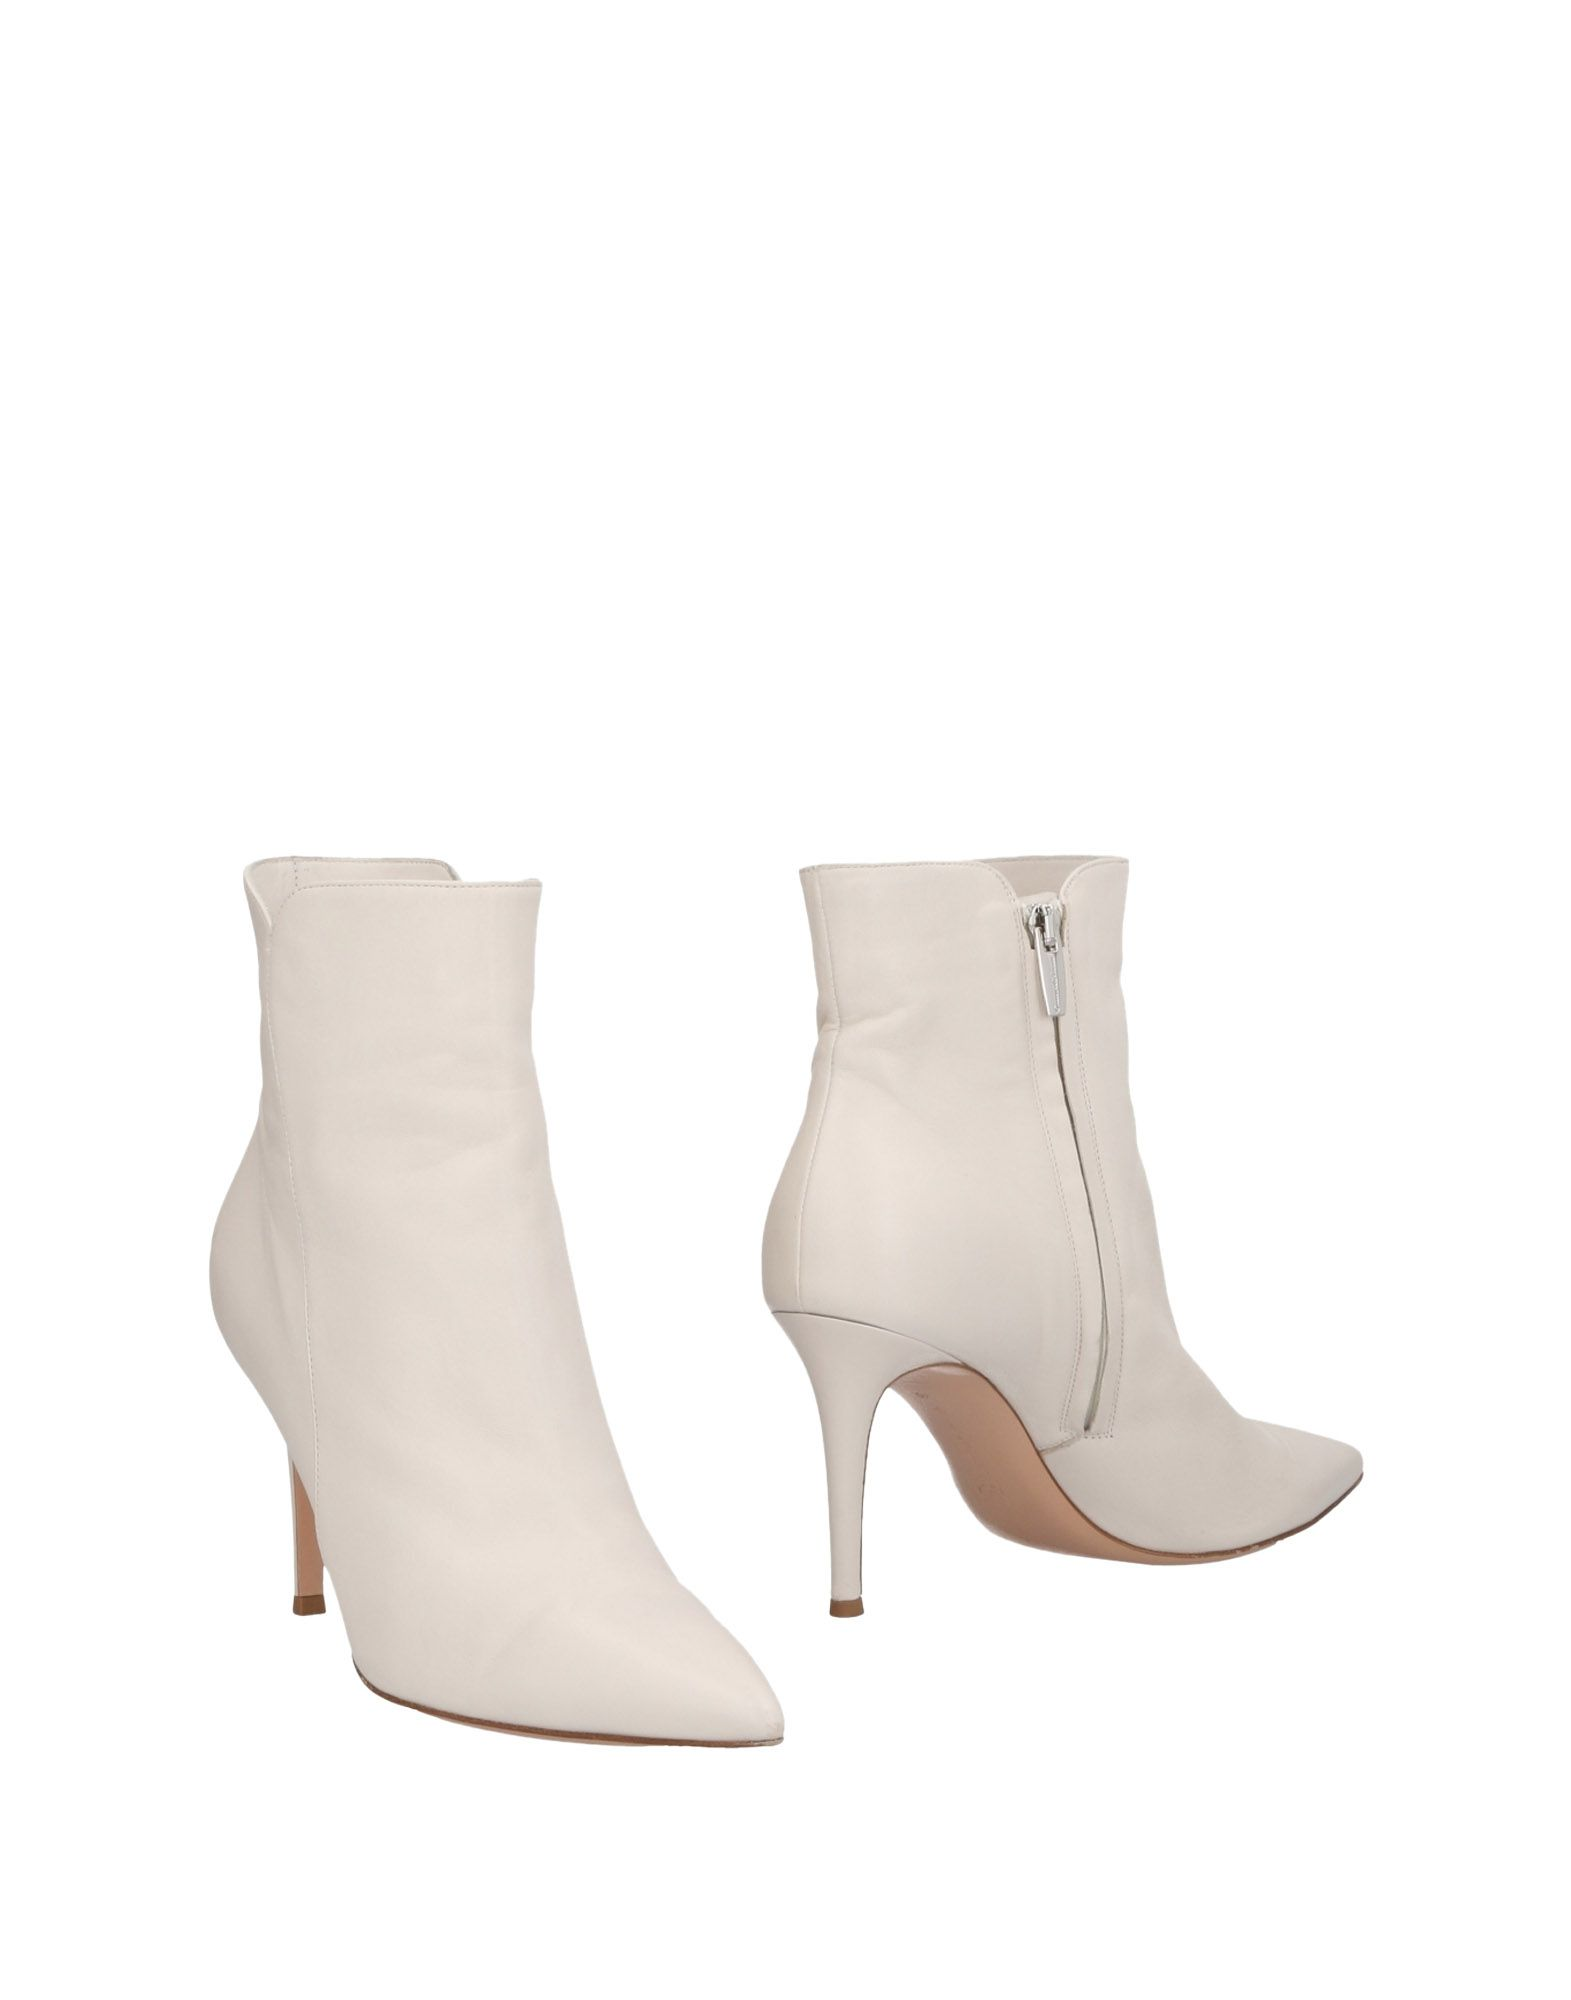 Gianvito Rossi Stiefelette Damen Schuhe  11447683NIGünstige gut aussehende Schuhe Damen aa1377